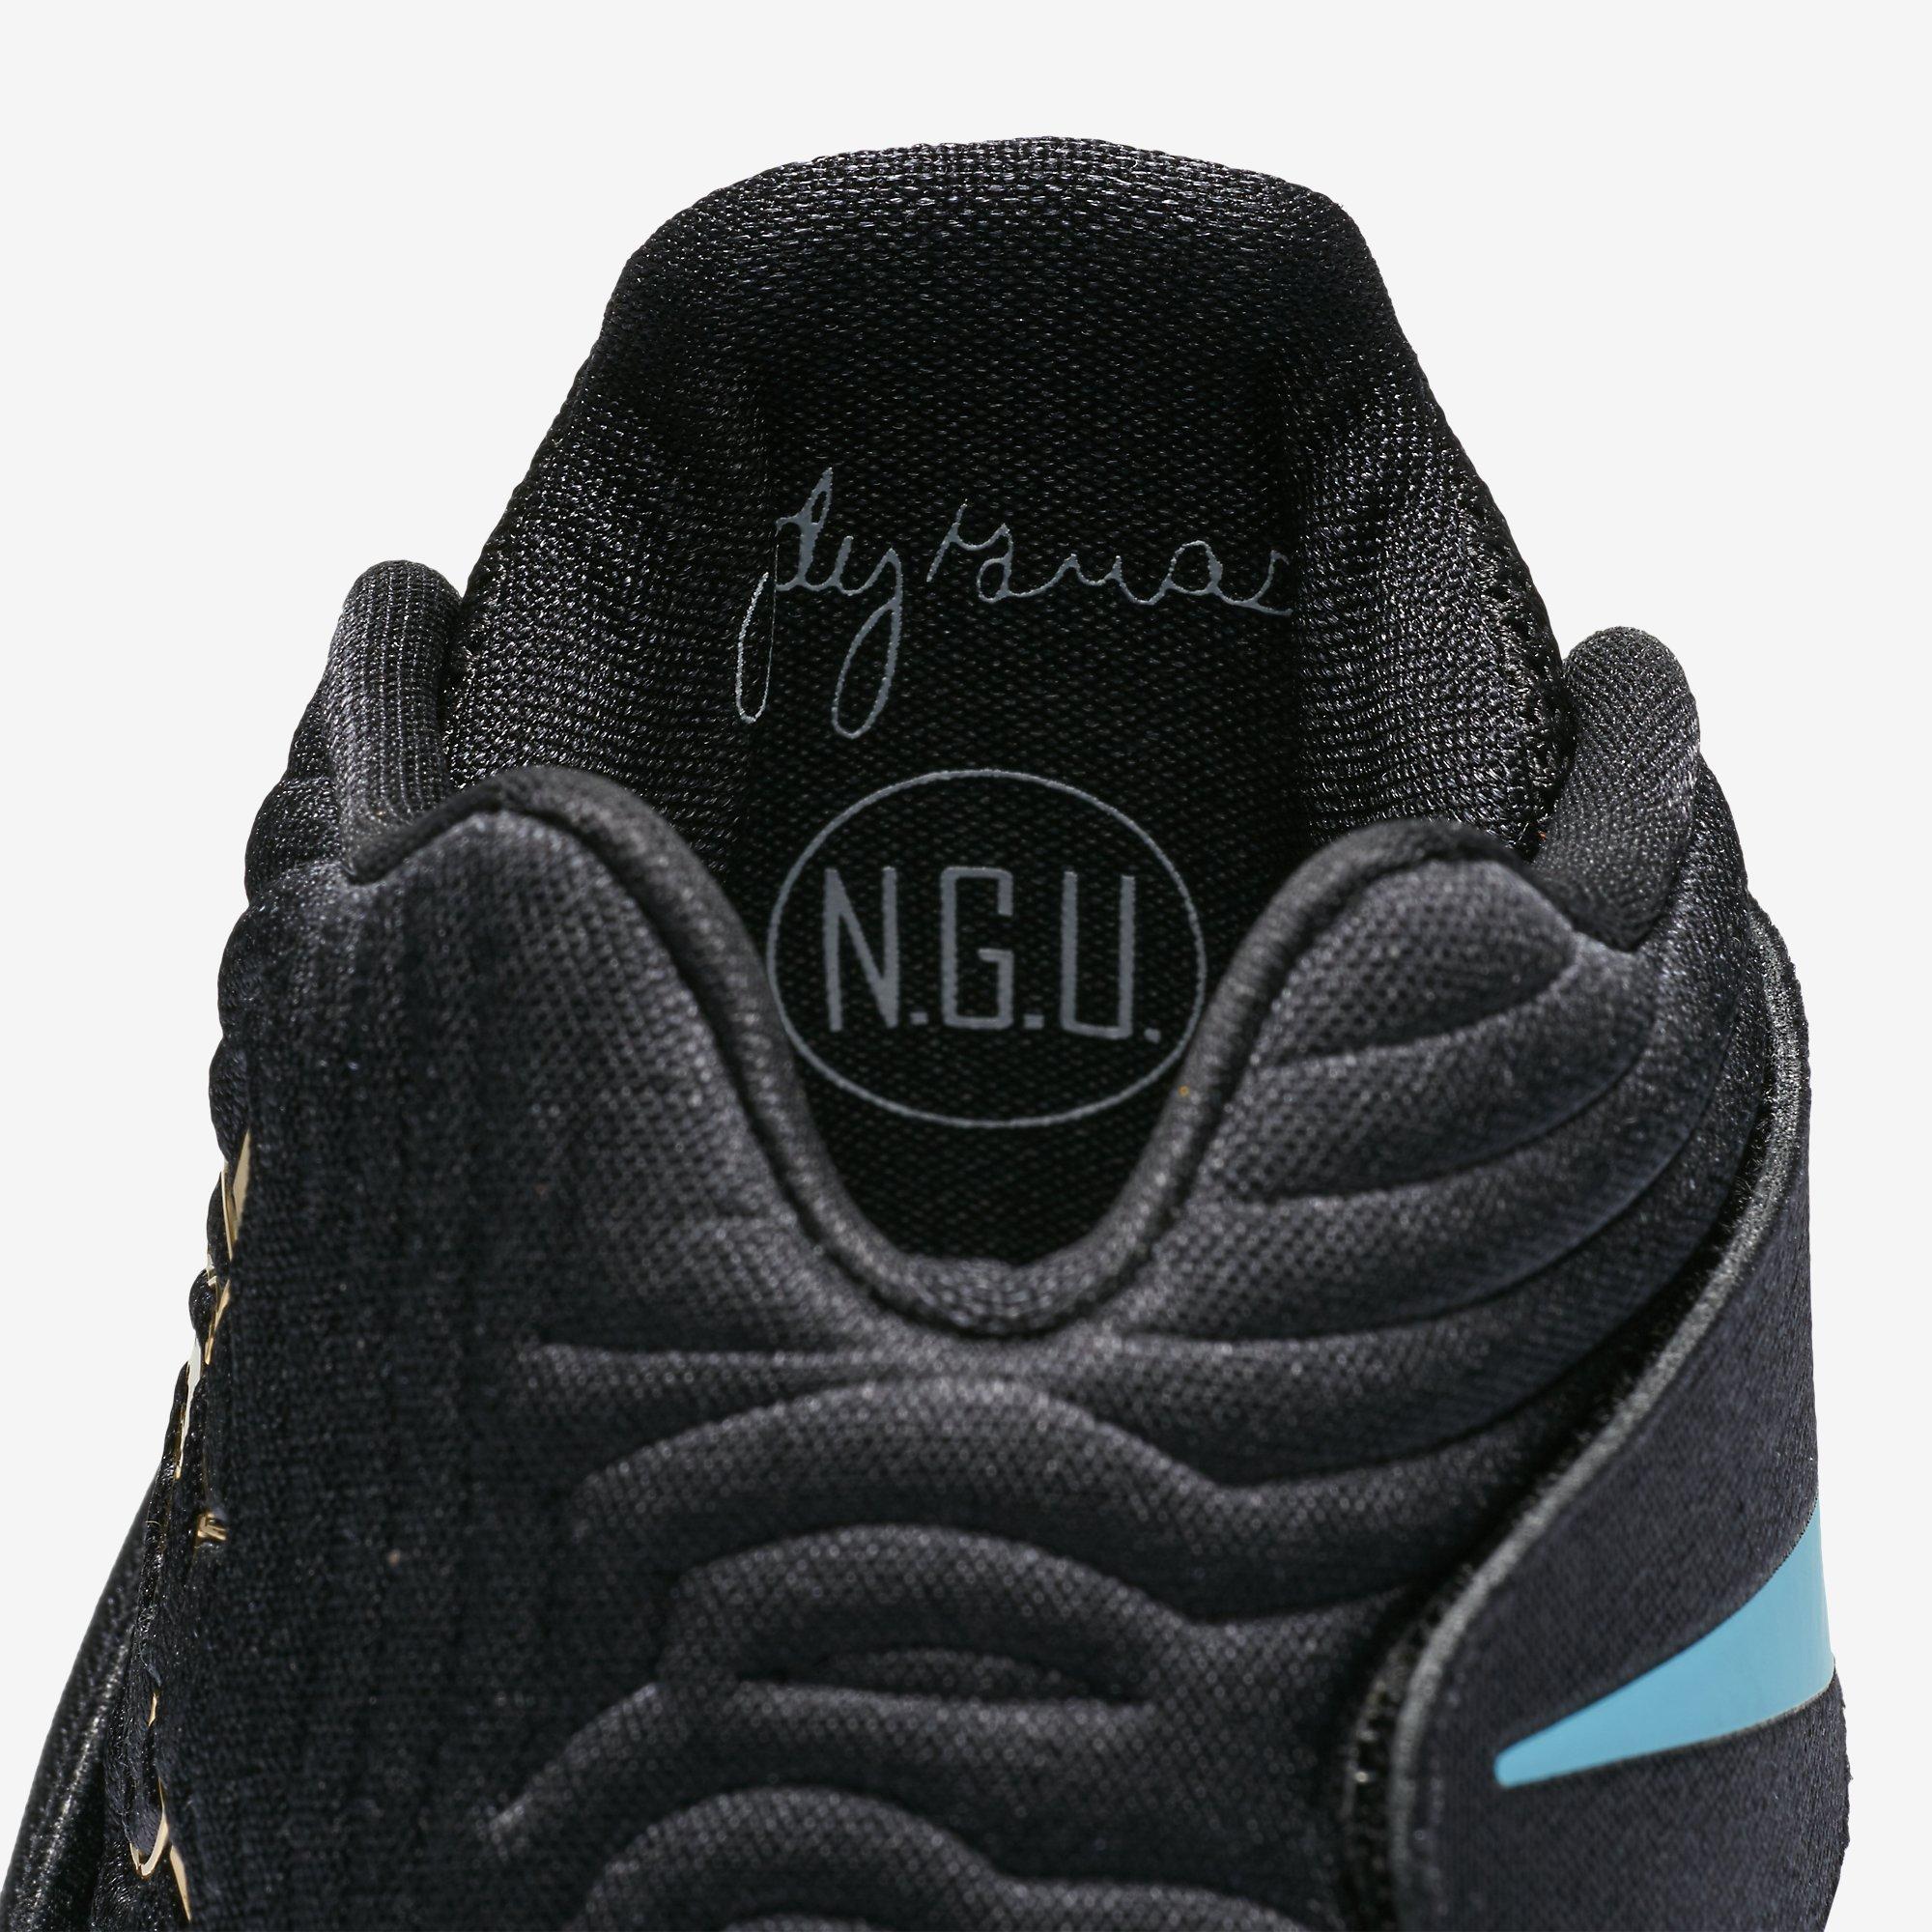 Nike Kyrie 2 Doernbecher 898641-001 Inside Tongue